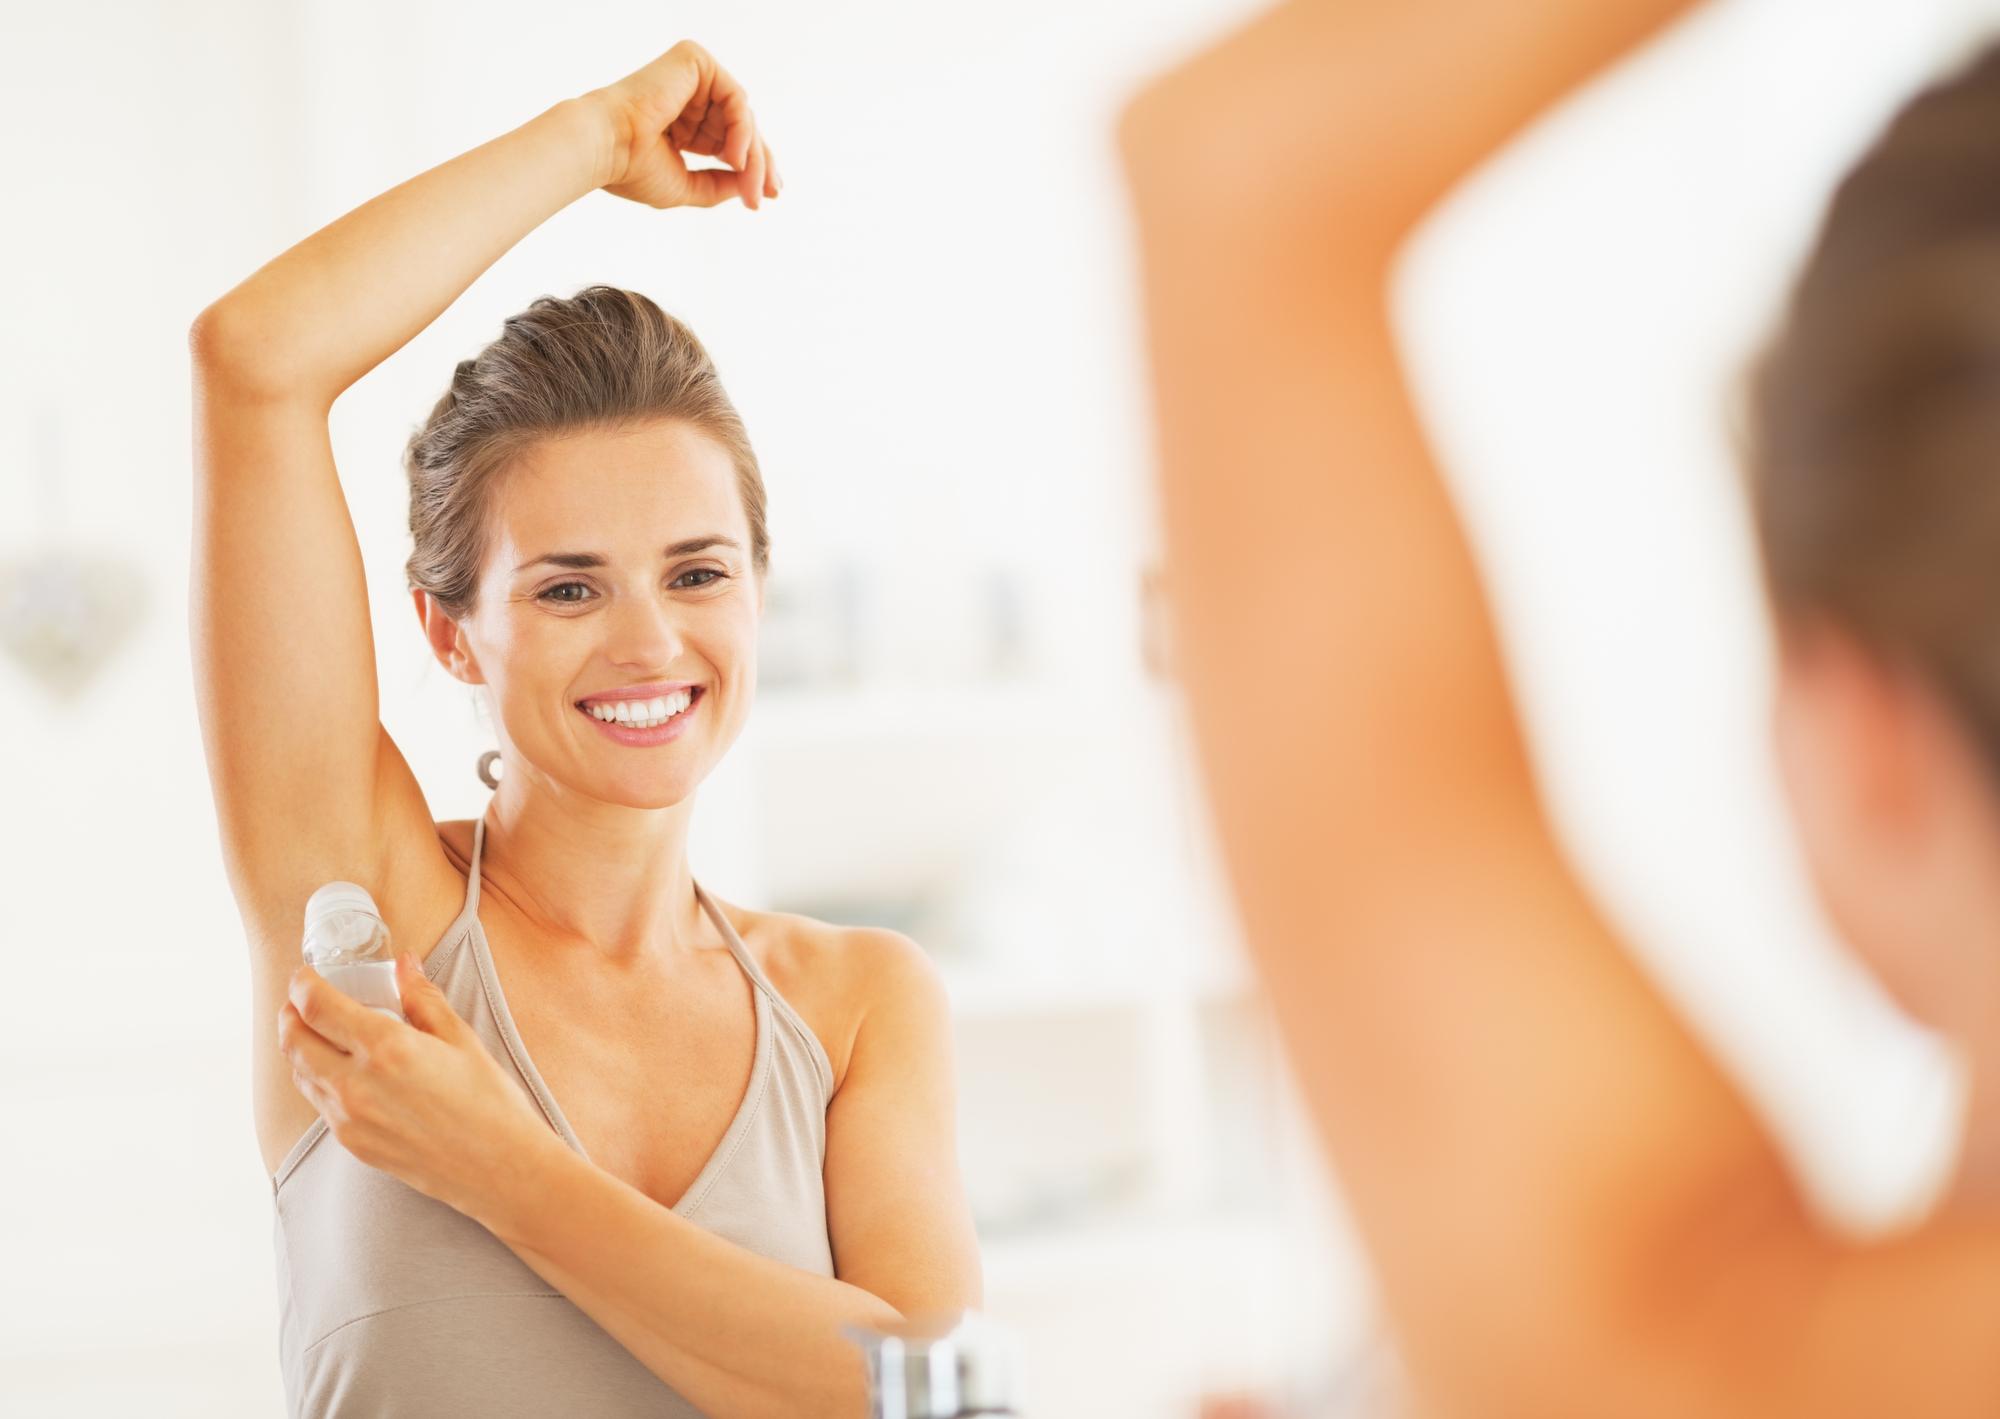 Как бороться с неприятным запахом тела: советы Ульяны Супрун